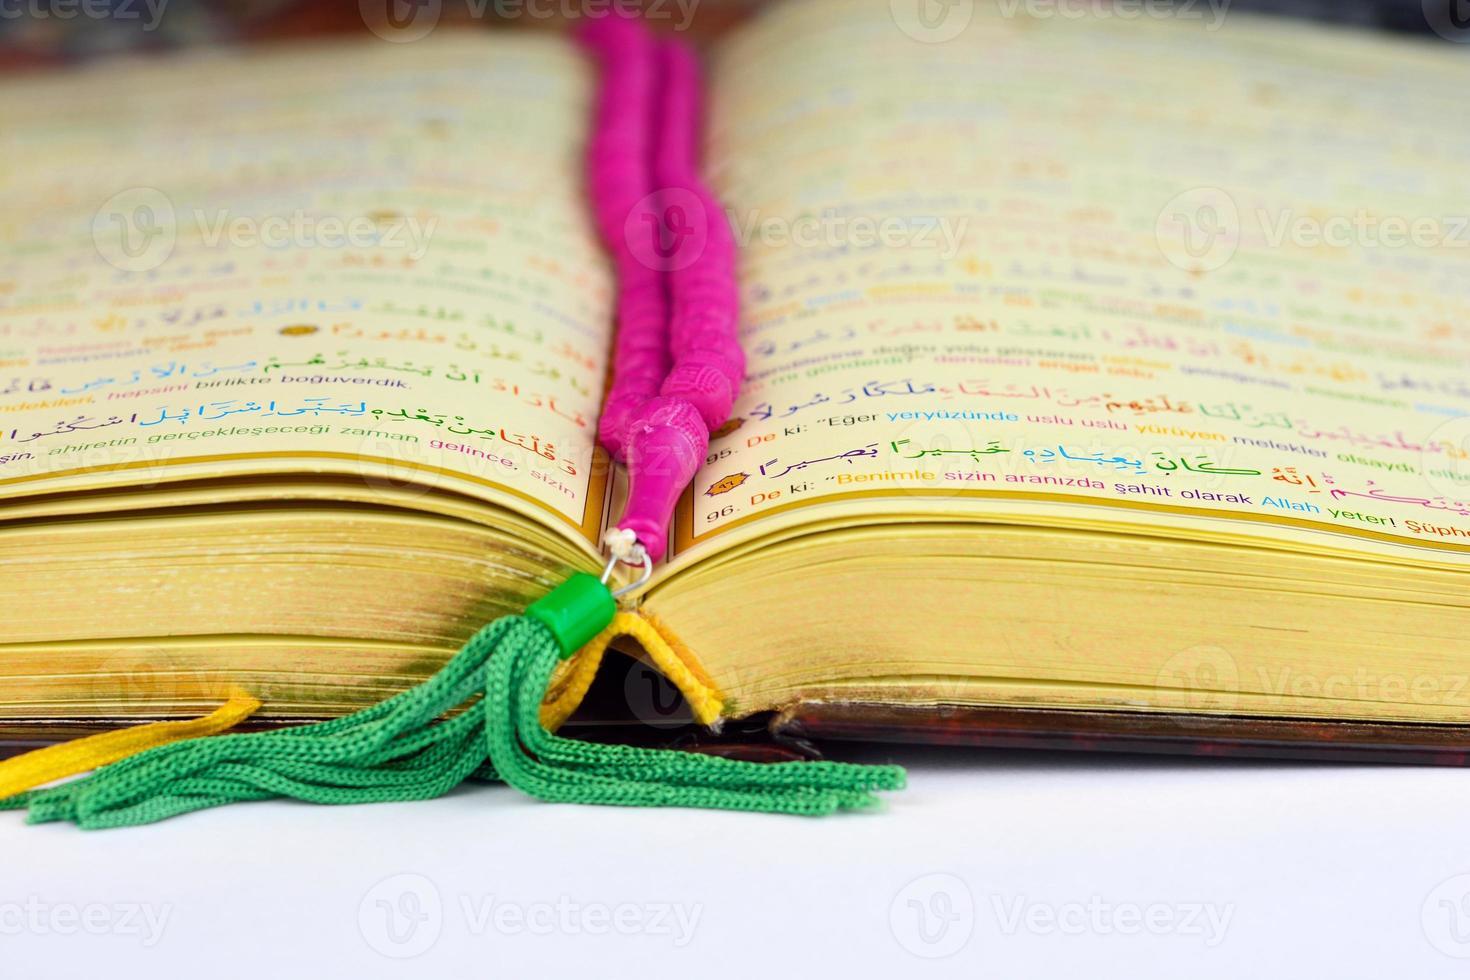 corano con rosario pregando perline a colori e pagine dorate foto